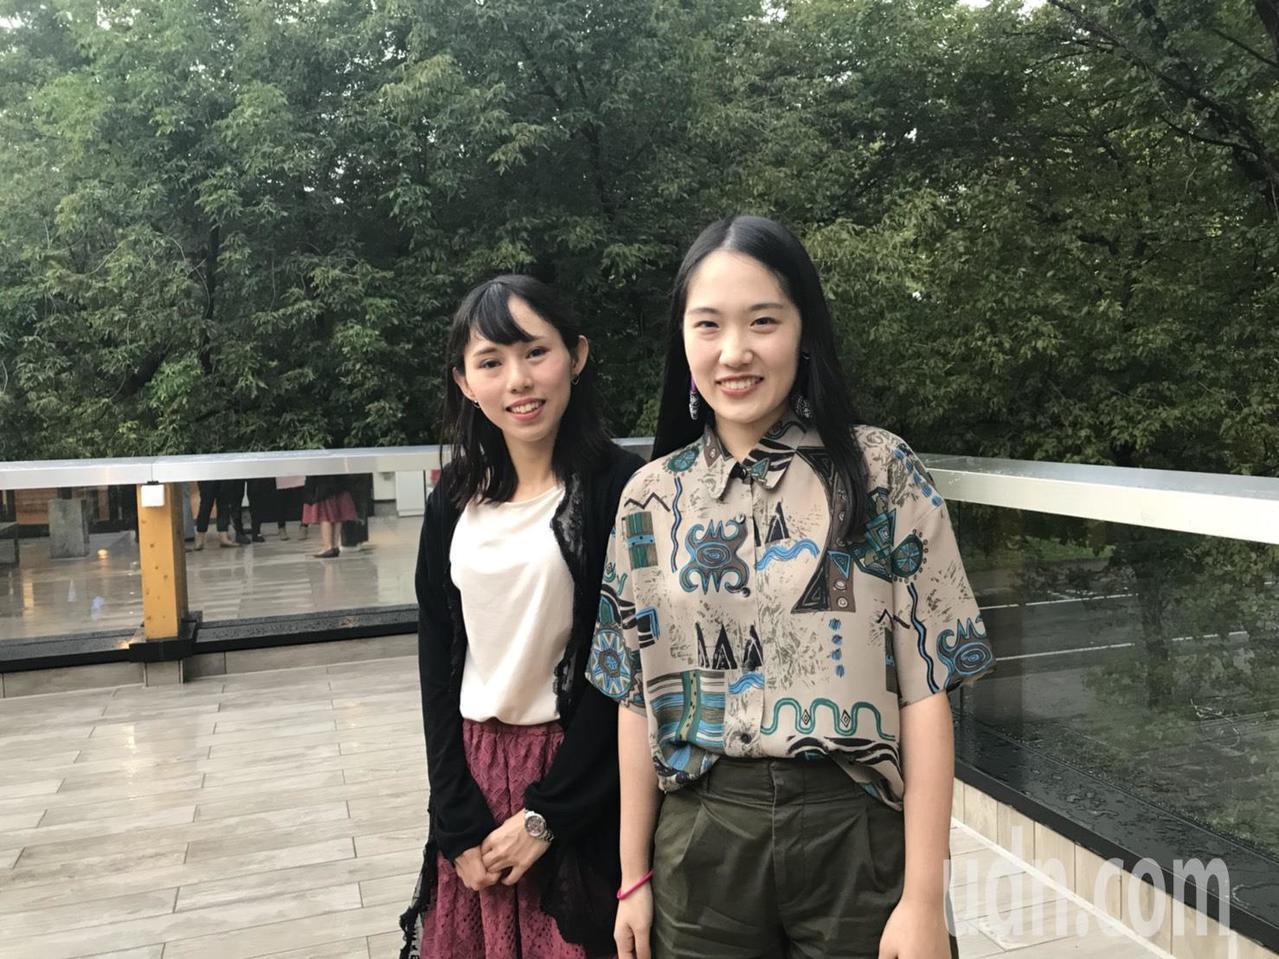 25歲的北醫大保健營養學系畢業生阮郁甯(左),目前就讀北海道大學保健科學院研究所...